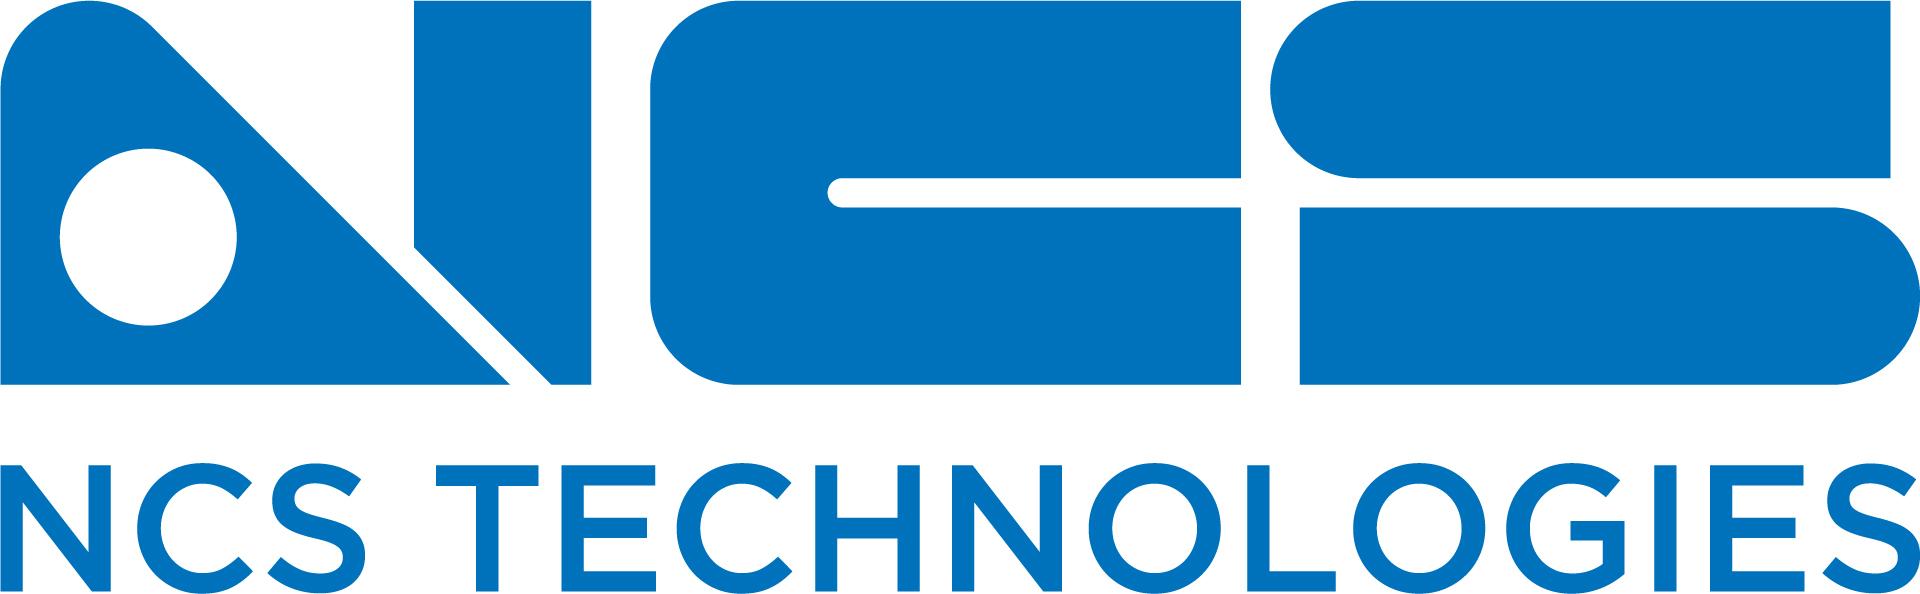 NCS Logo rev1 blue